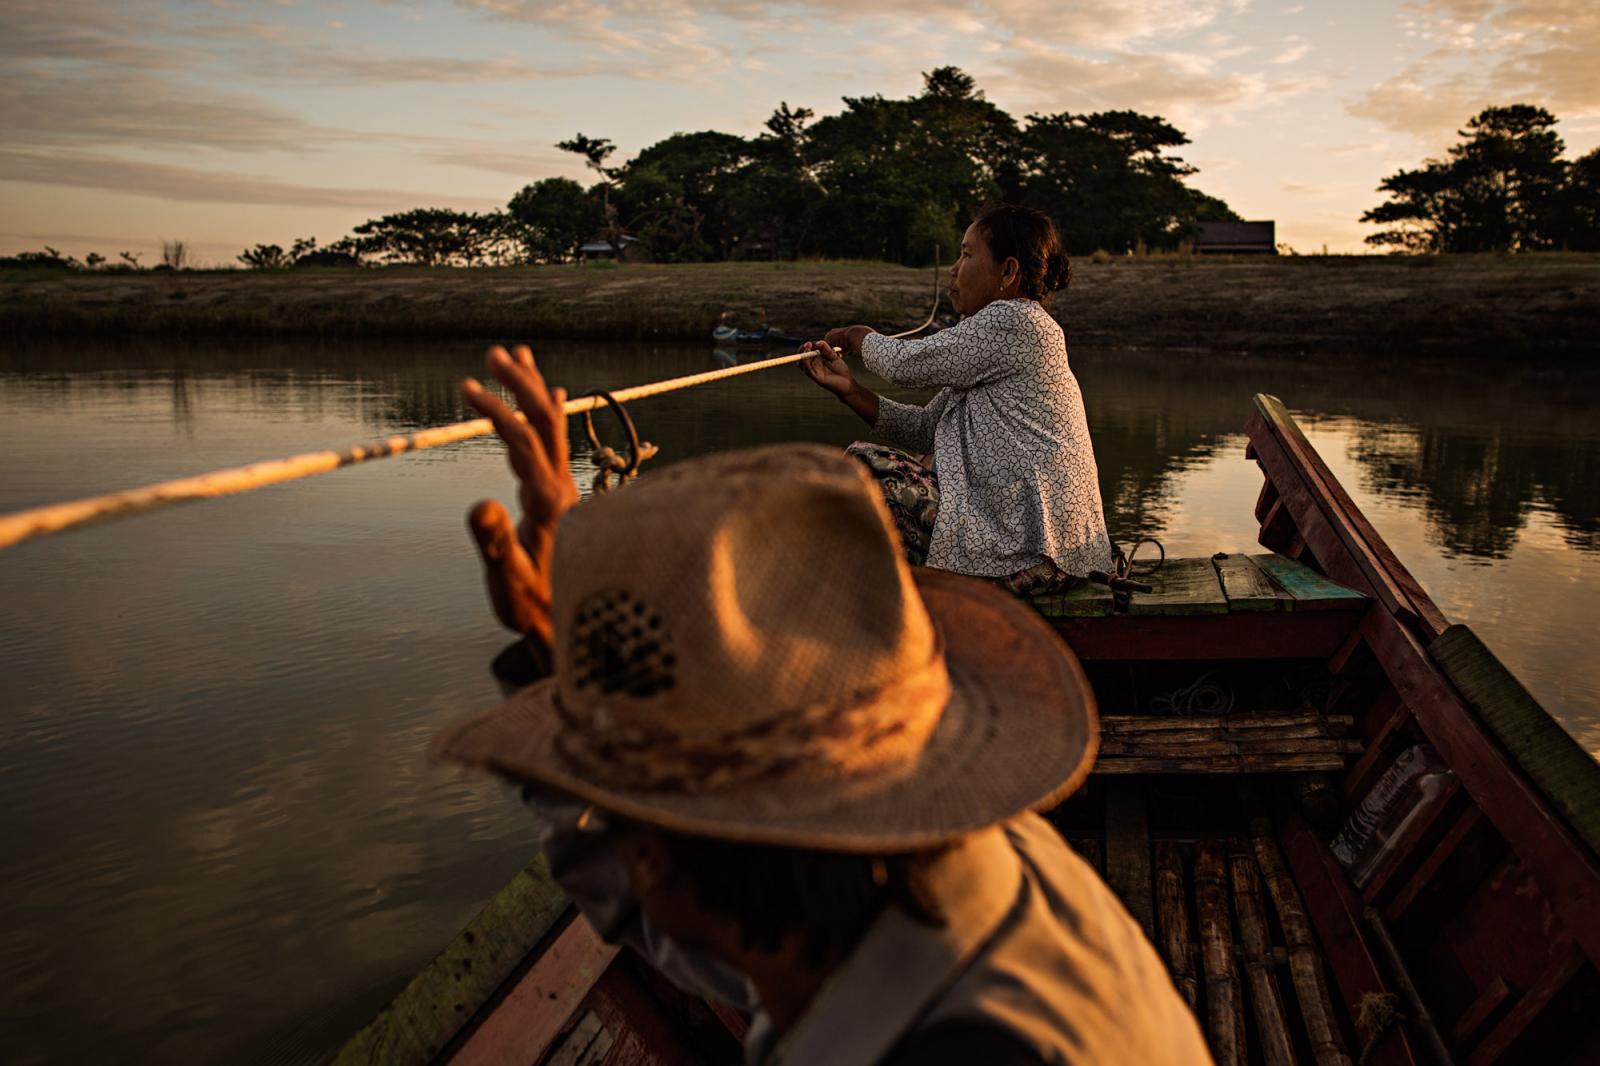 Photography image - Loading Travel_002.jpg